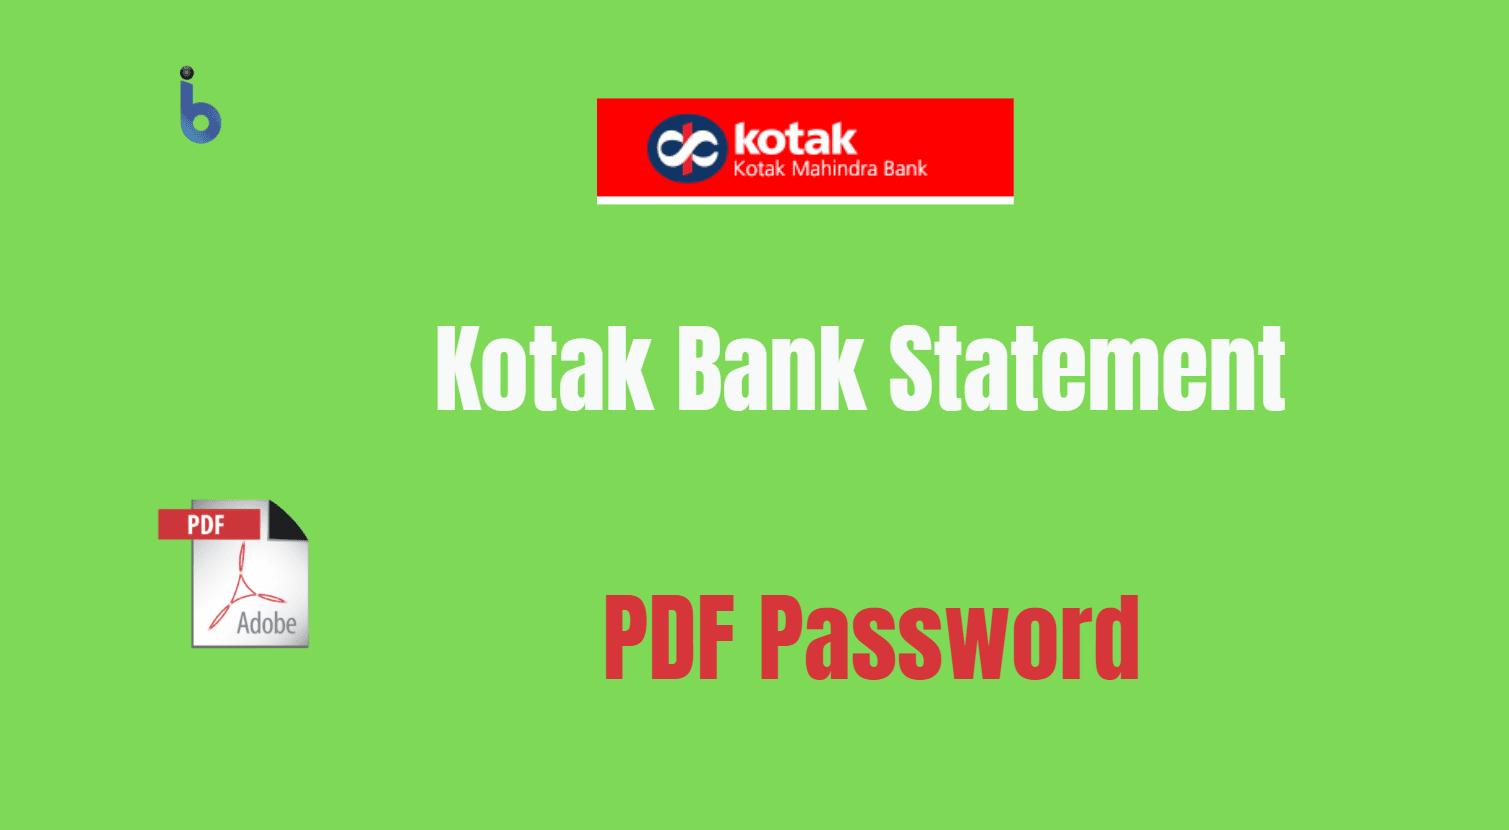 kotak bank statement pdf password